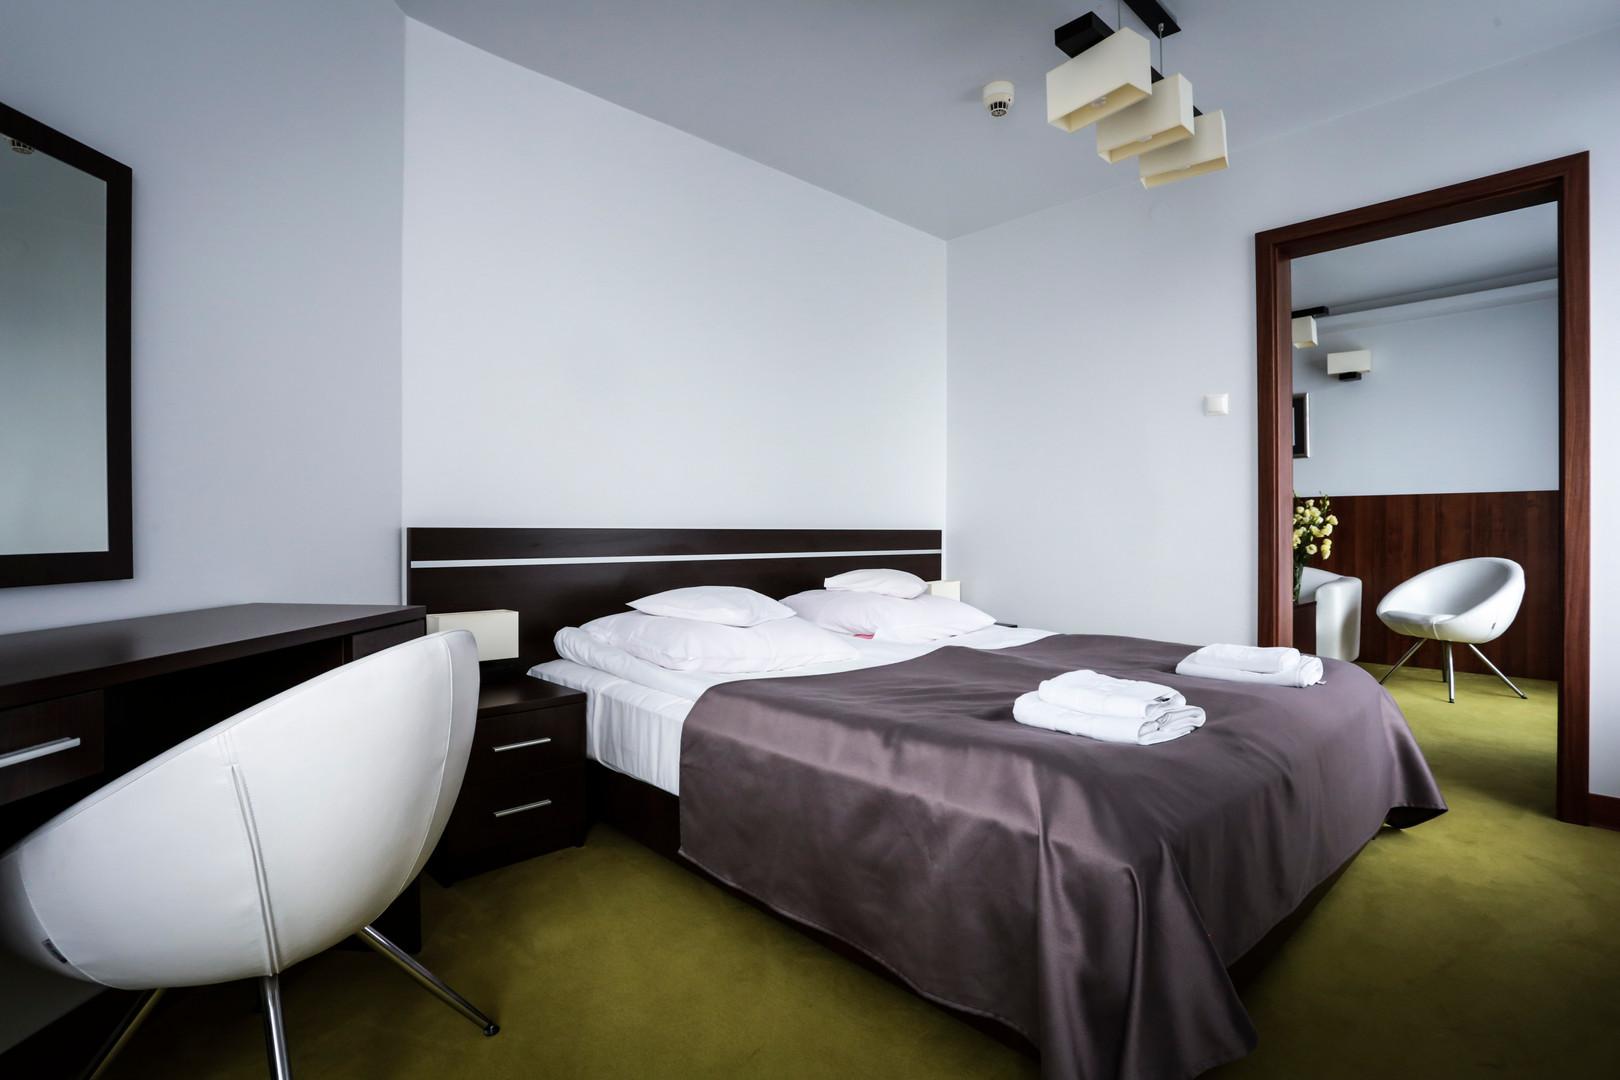 hotel_wilga7.jpg